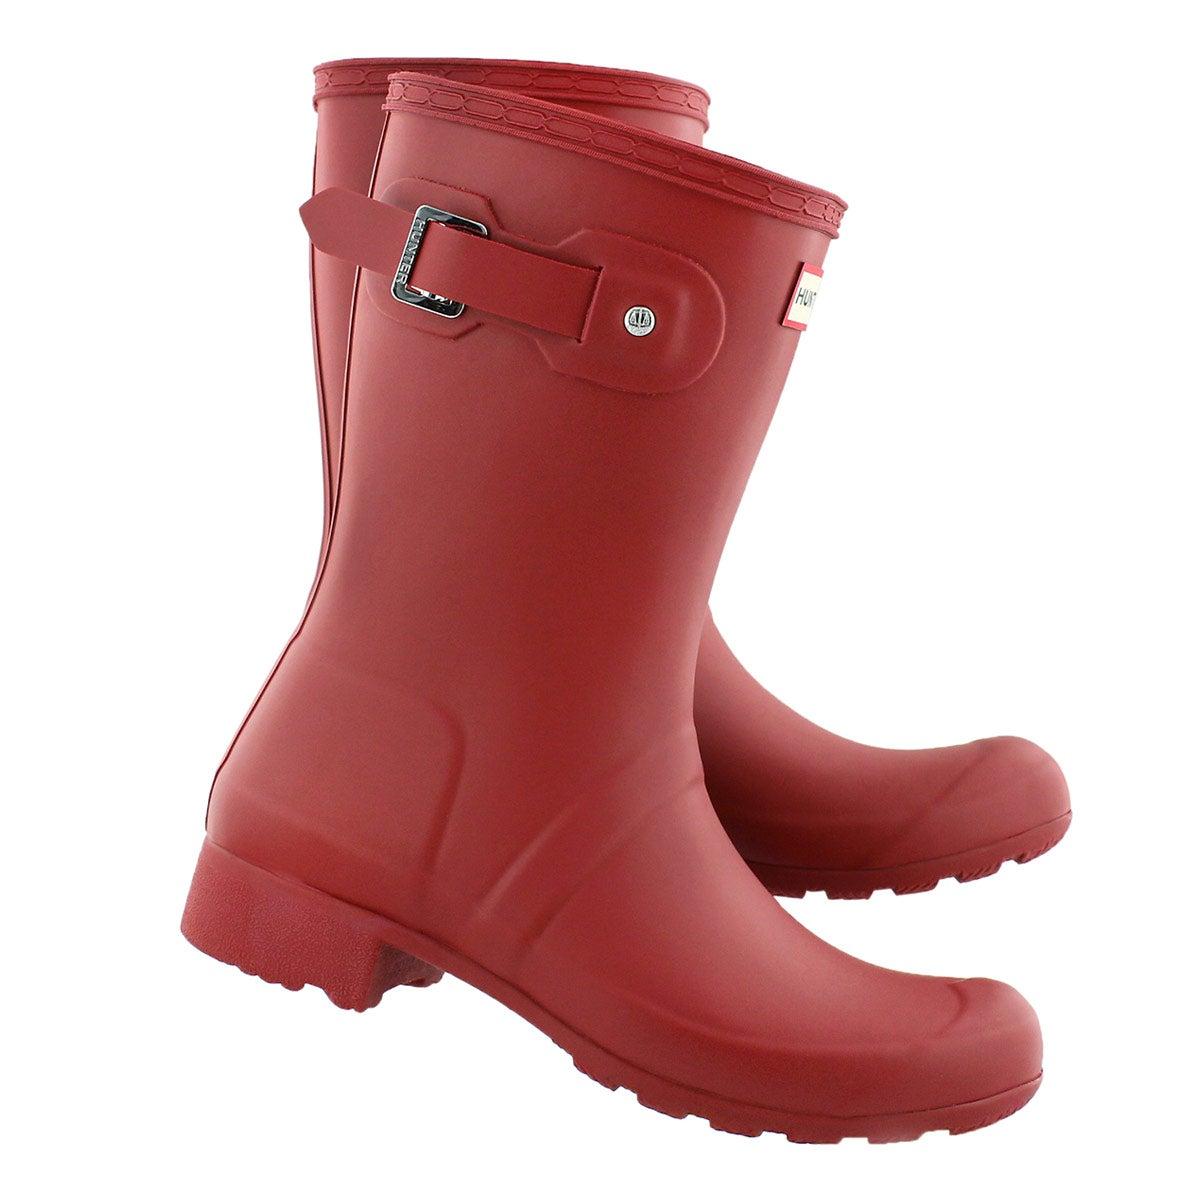 Hunter Women's ORIGINAL TOUR SHORT red rain boots